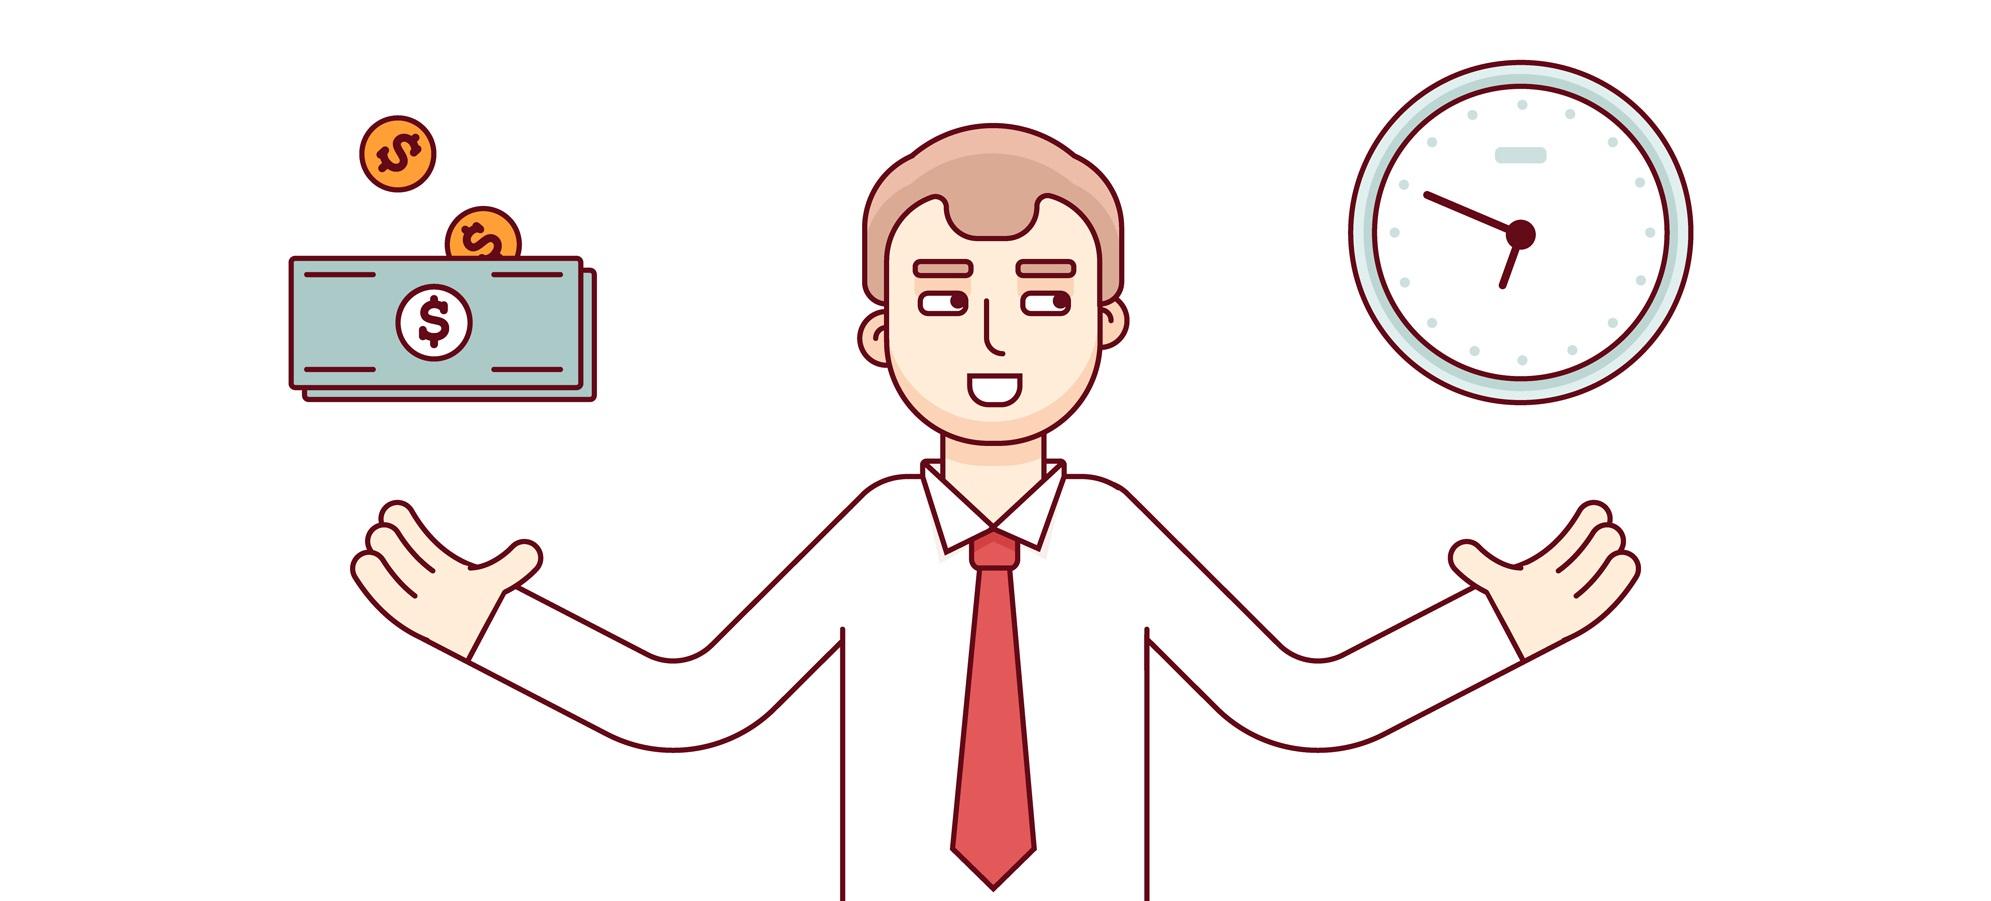 Как воруют бухгалтеры, как разоблачить вашего бухгалтера, как узнать, что бухгалтер ворует?